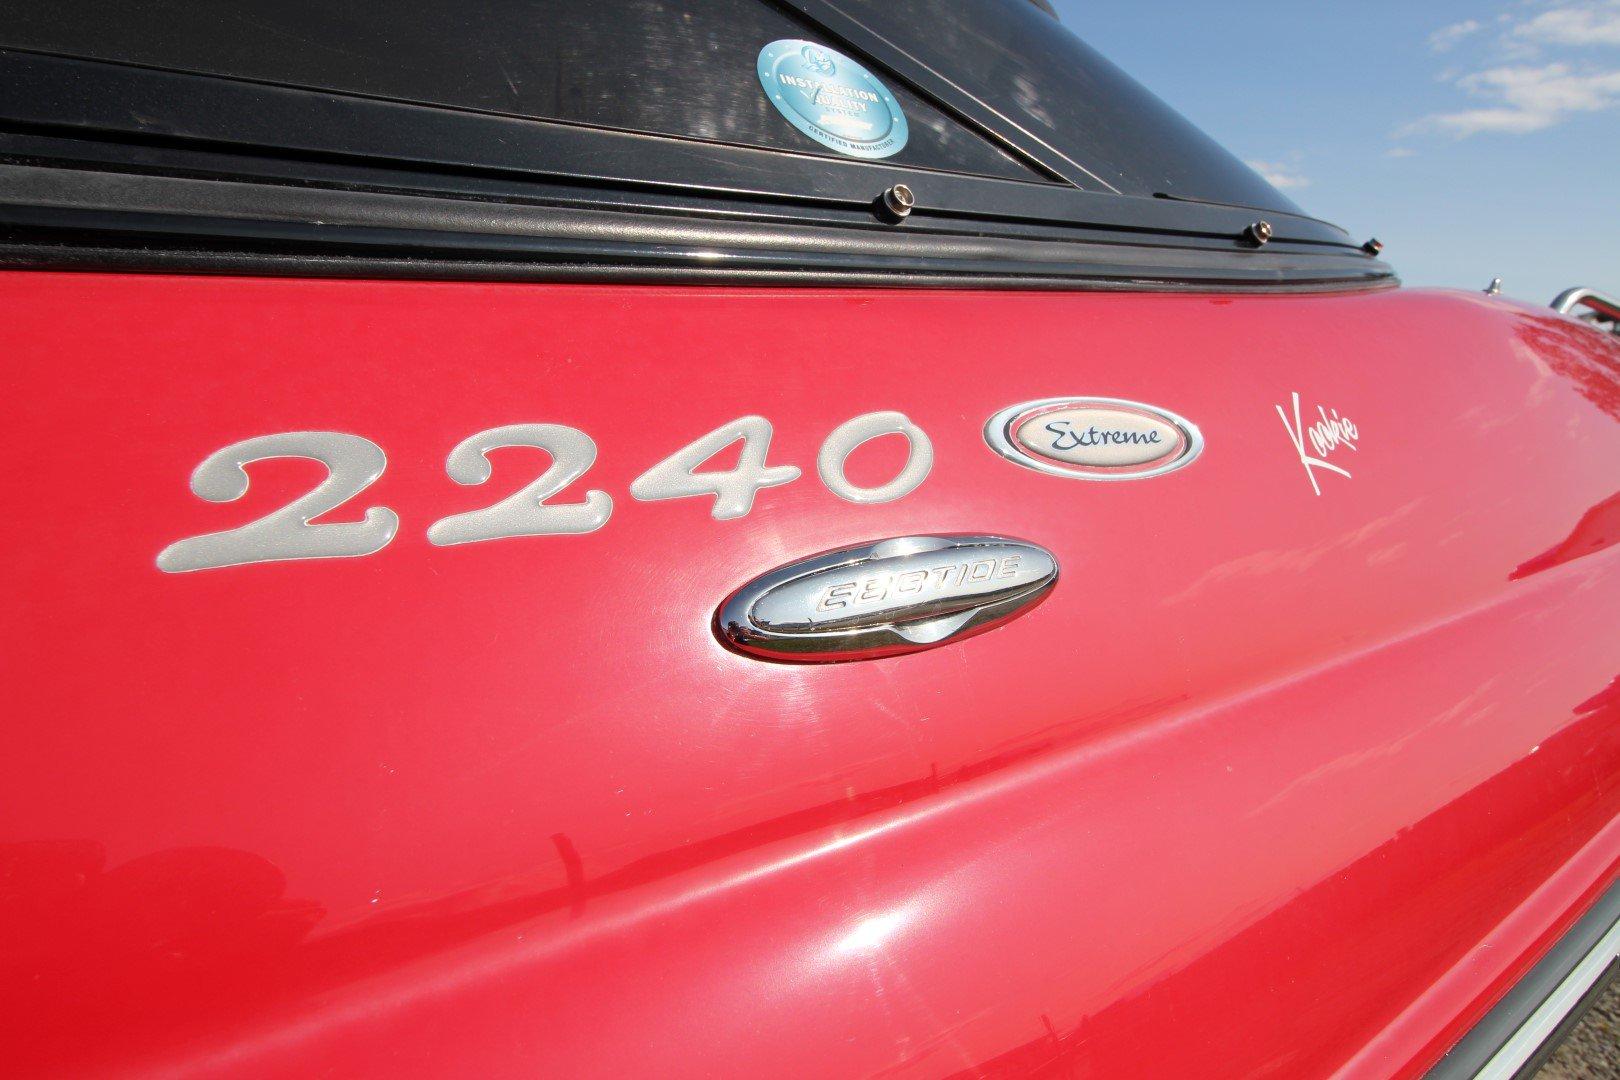 Ebbtide 2240 BW - IMG_1702